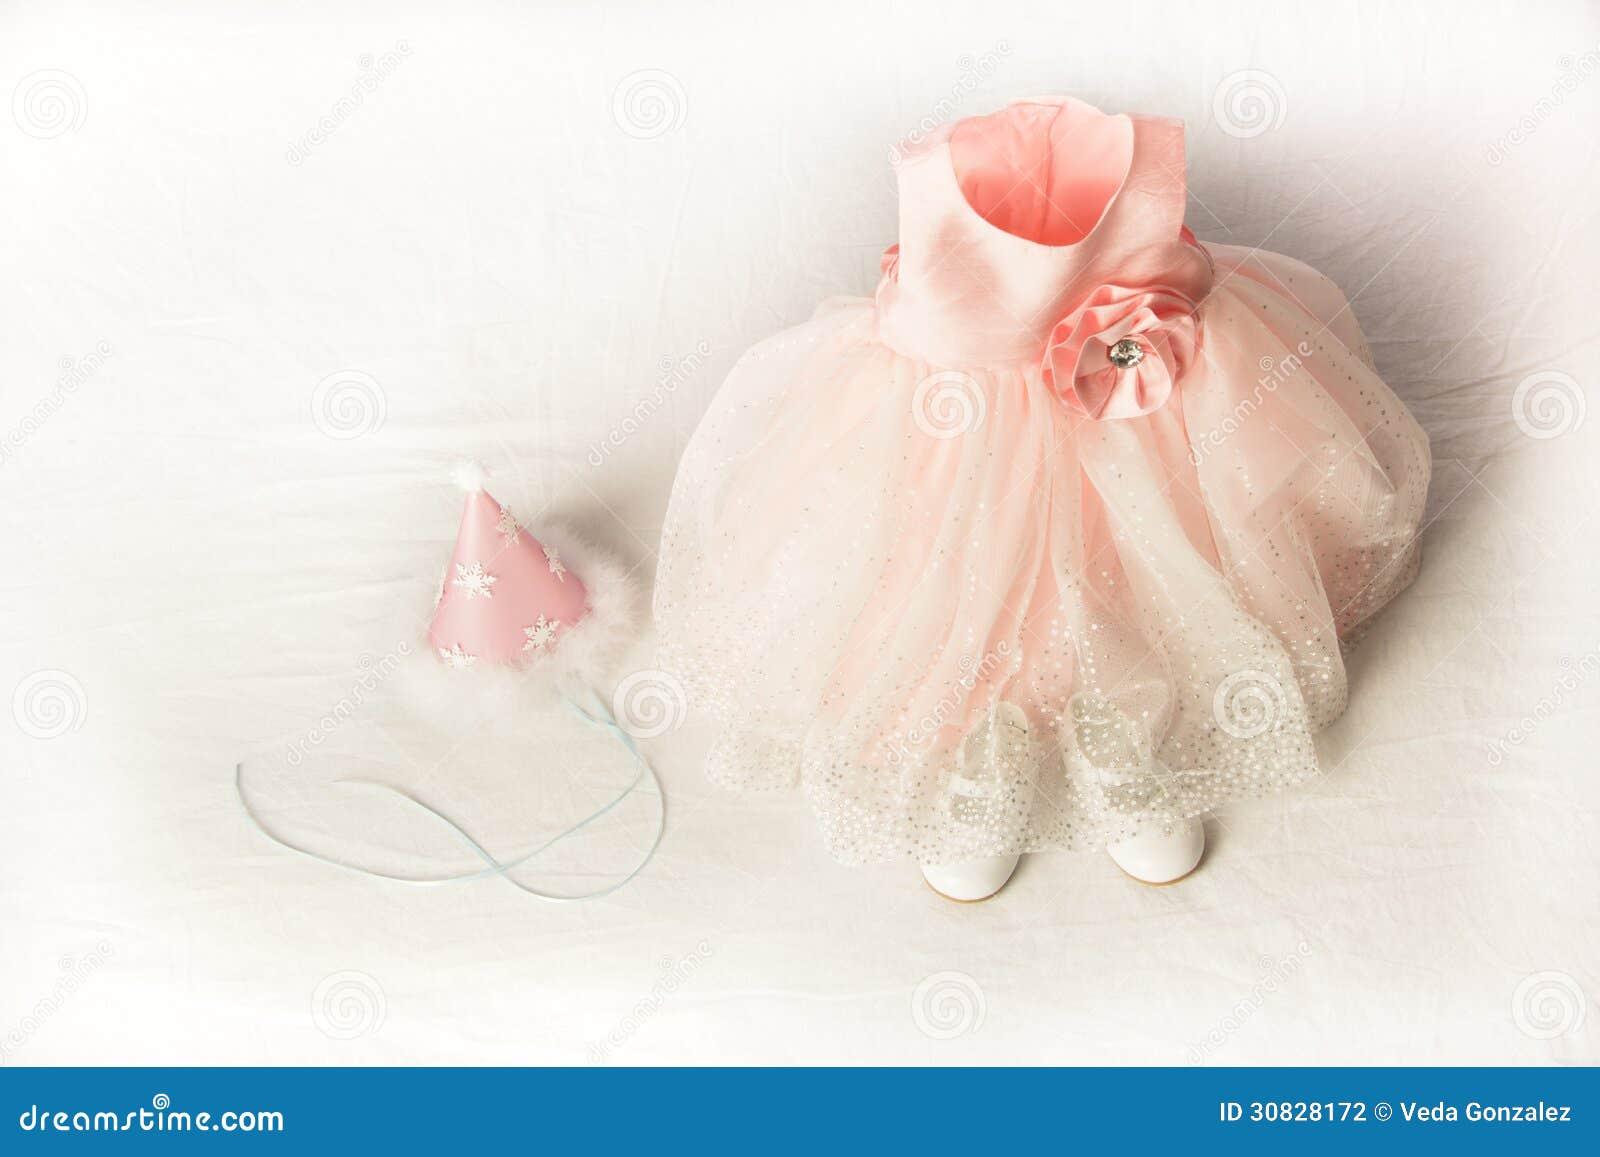 Bambini abito da sera, cappello e scarpe rosa